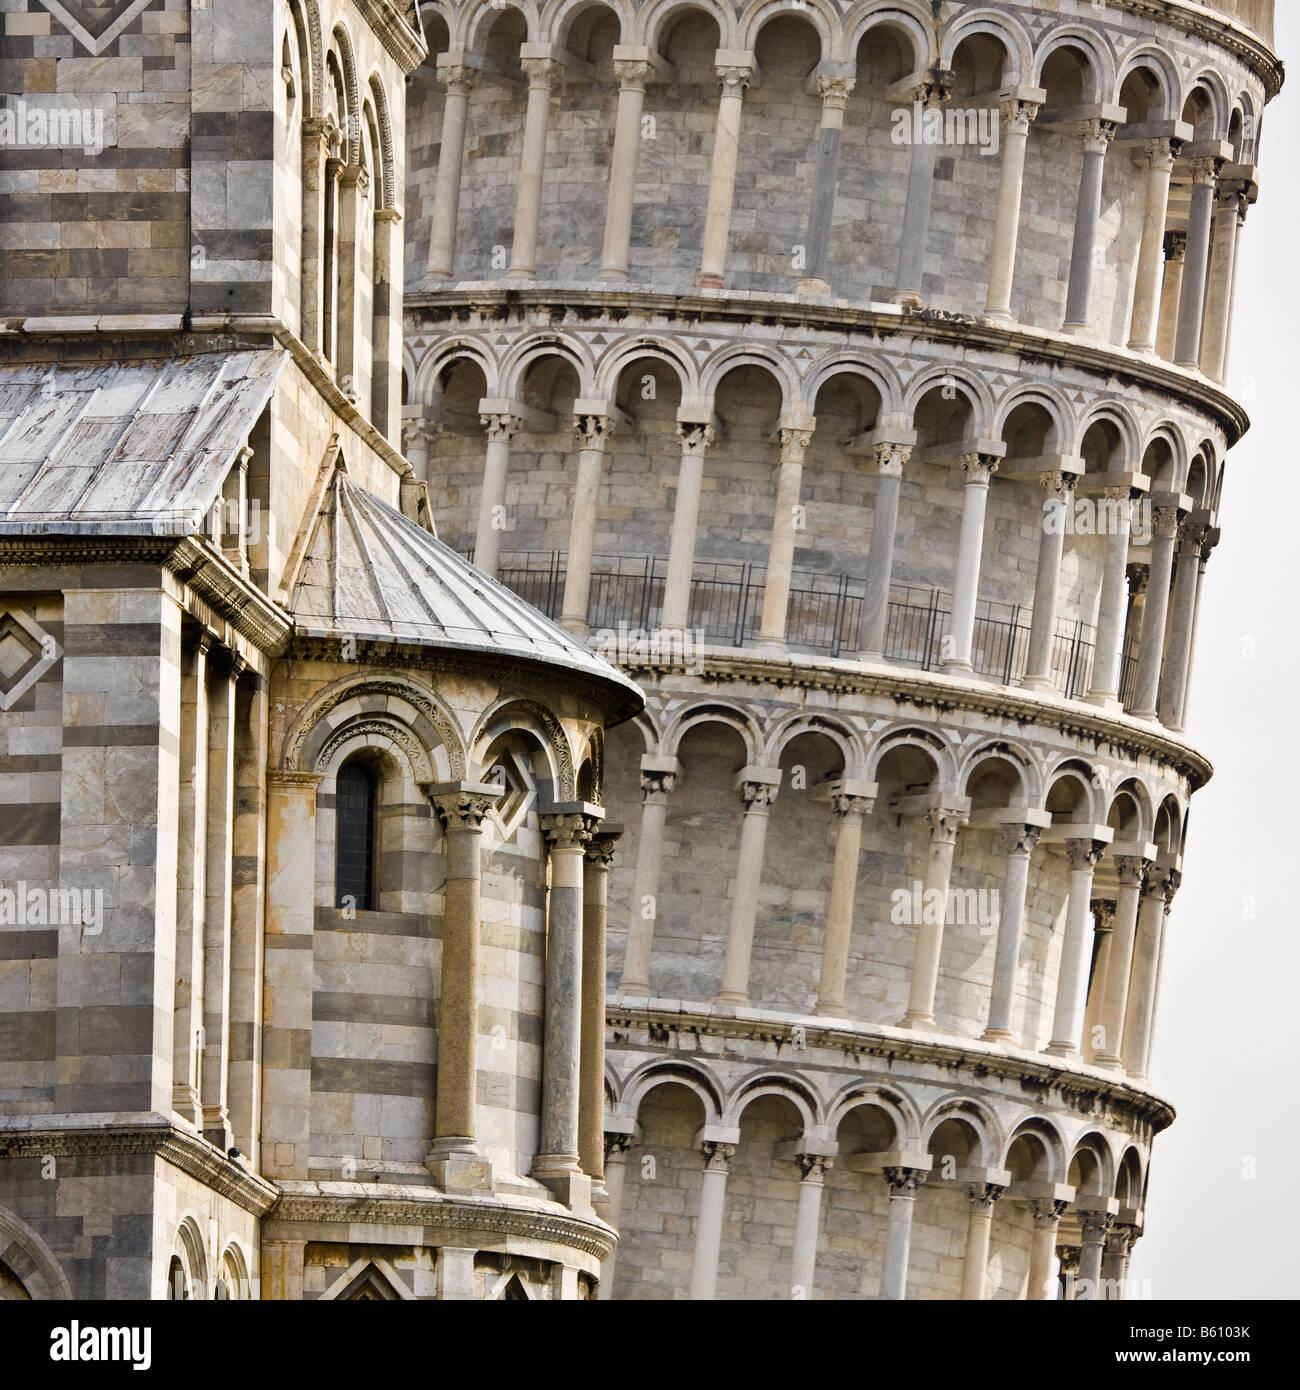 Un close-up della torre pendente di Pisa evidenziando gli intricati architettura e design, Pisa, Italia Immagini Stock